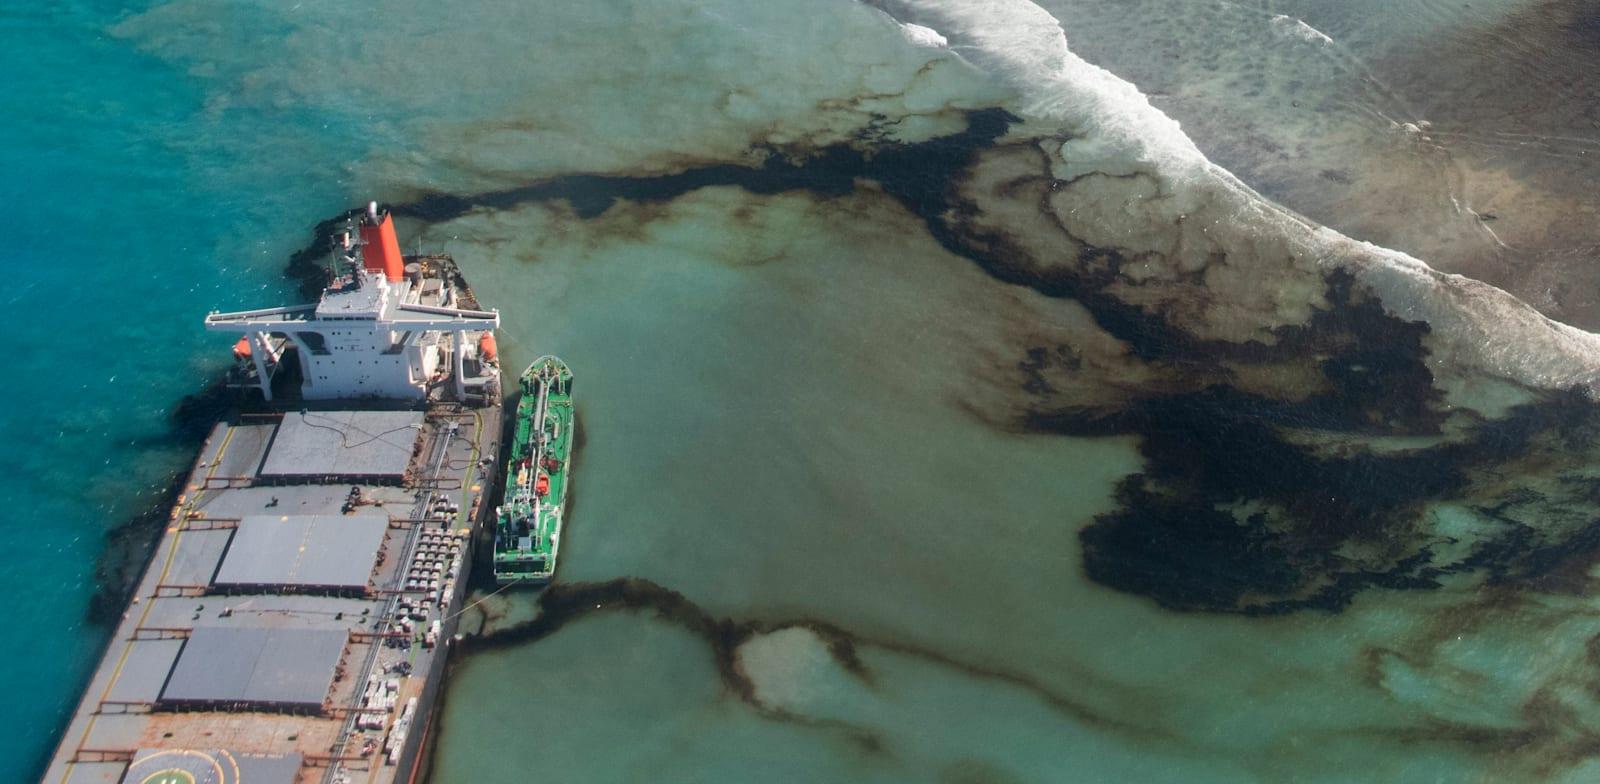 אסון הנפט מול מאוריציוס, באוגוסט. גיוסים גבוהים לקרנות המשקיעות ב־ESG / צילום: Associated Press, Gwendoline Defente